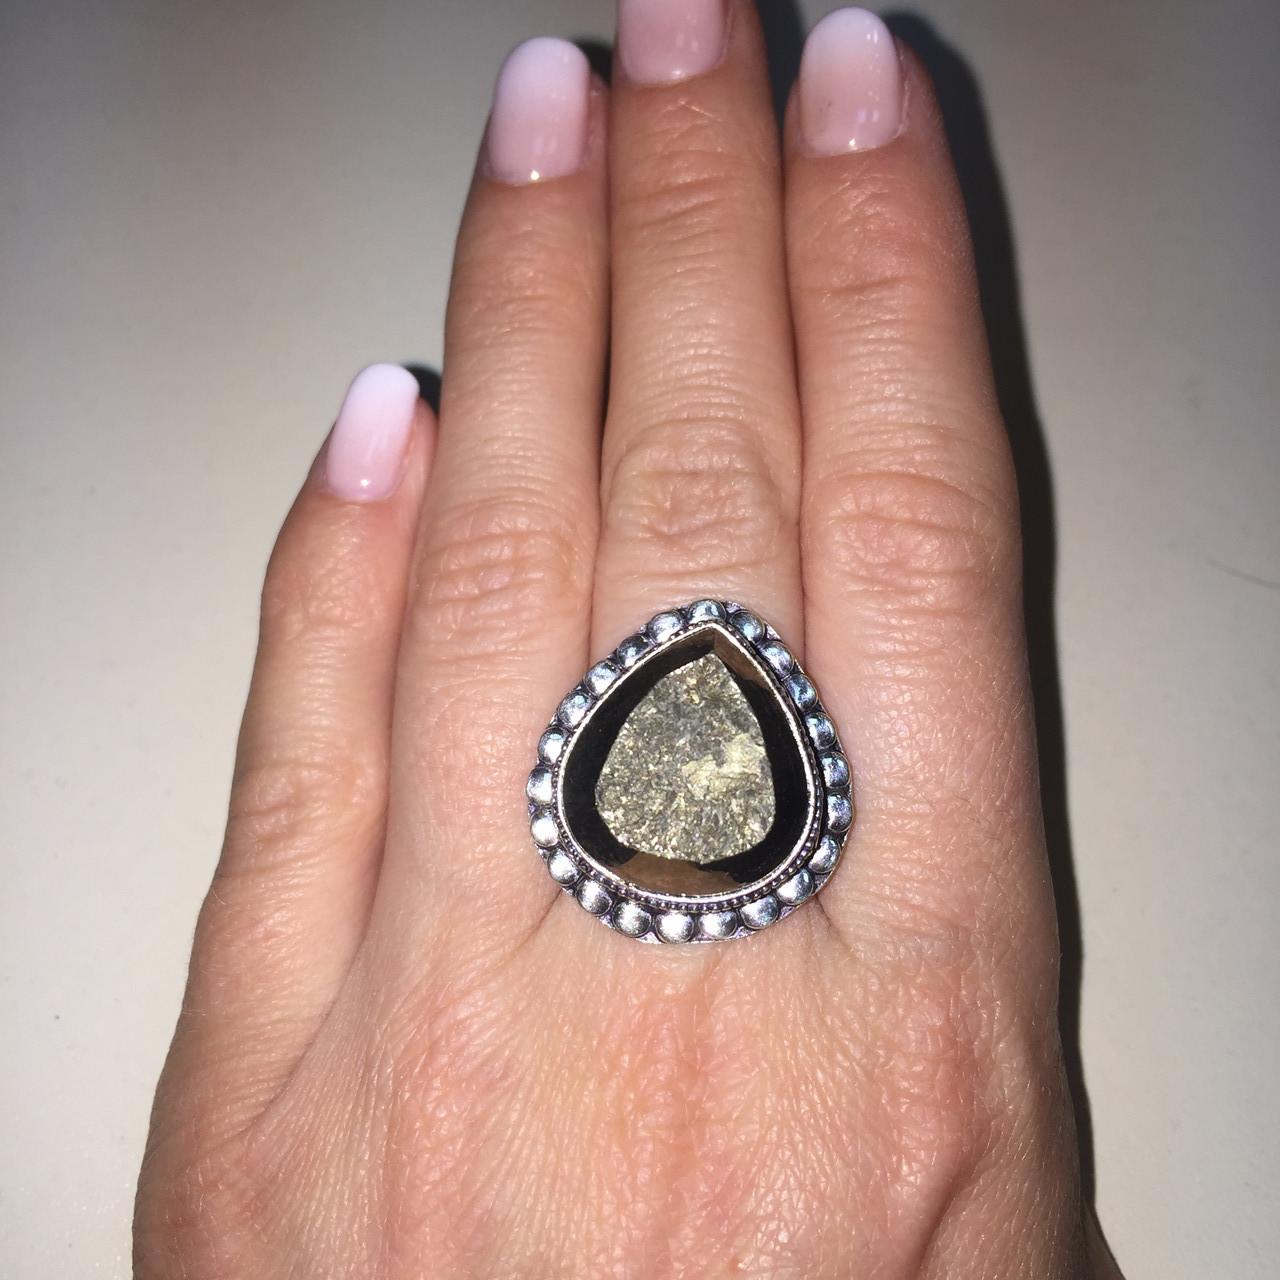 Красивое кольцо с камнем пирит 16,5 размер. Кольцо с пиритом Индия!